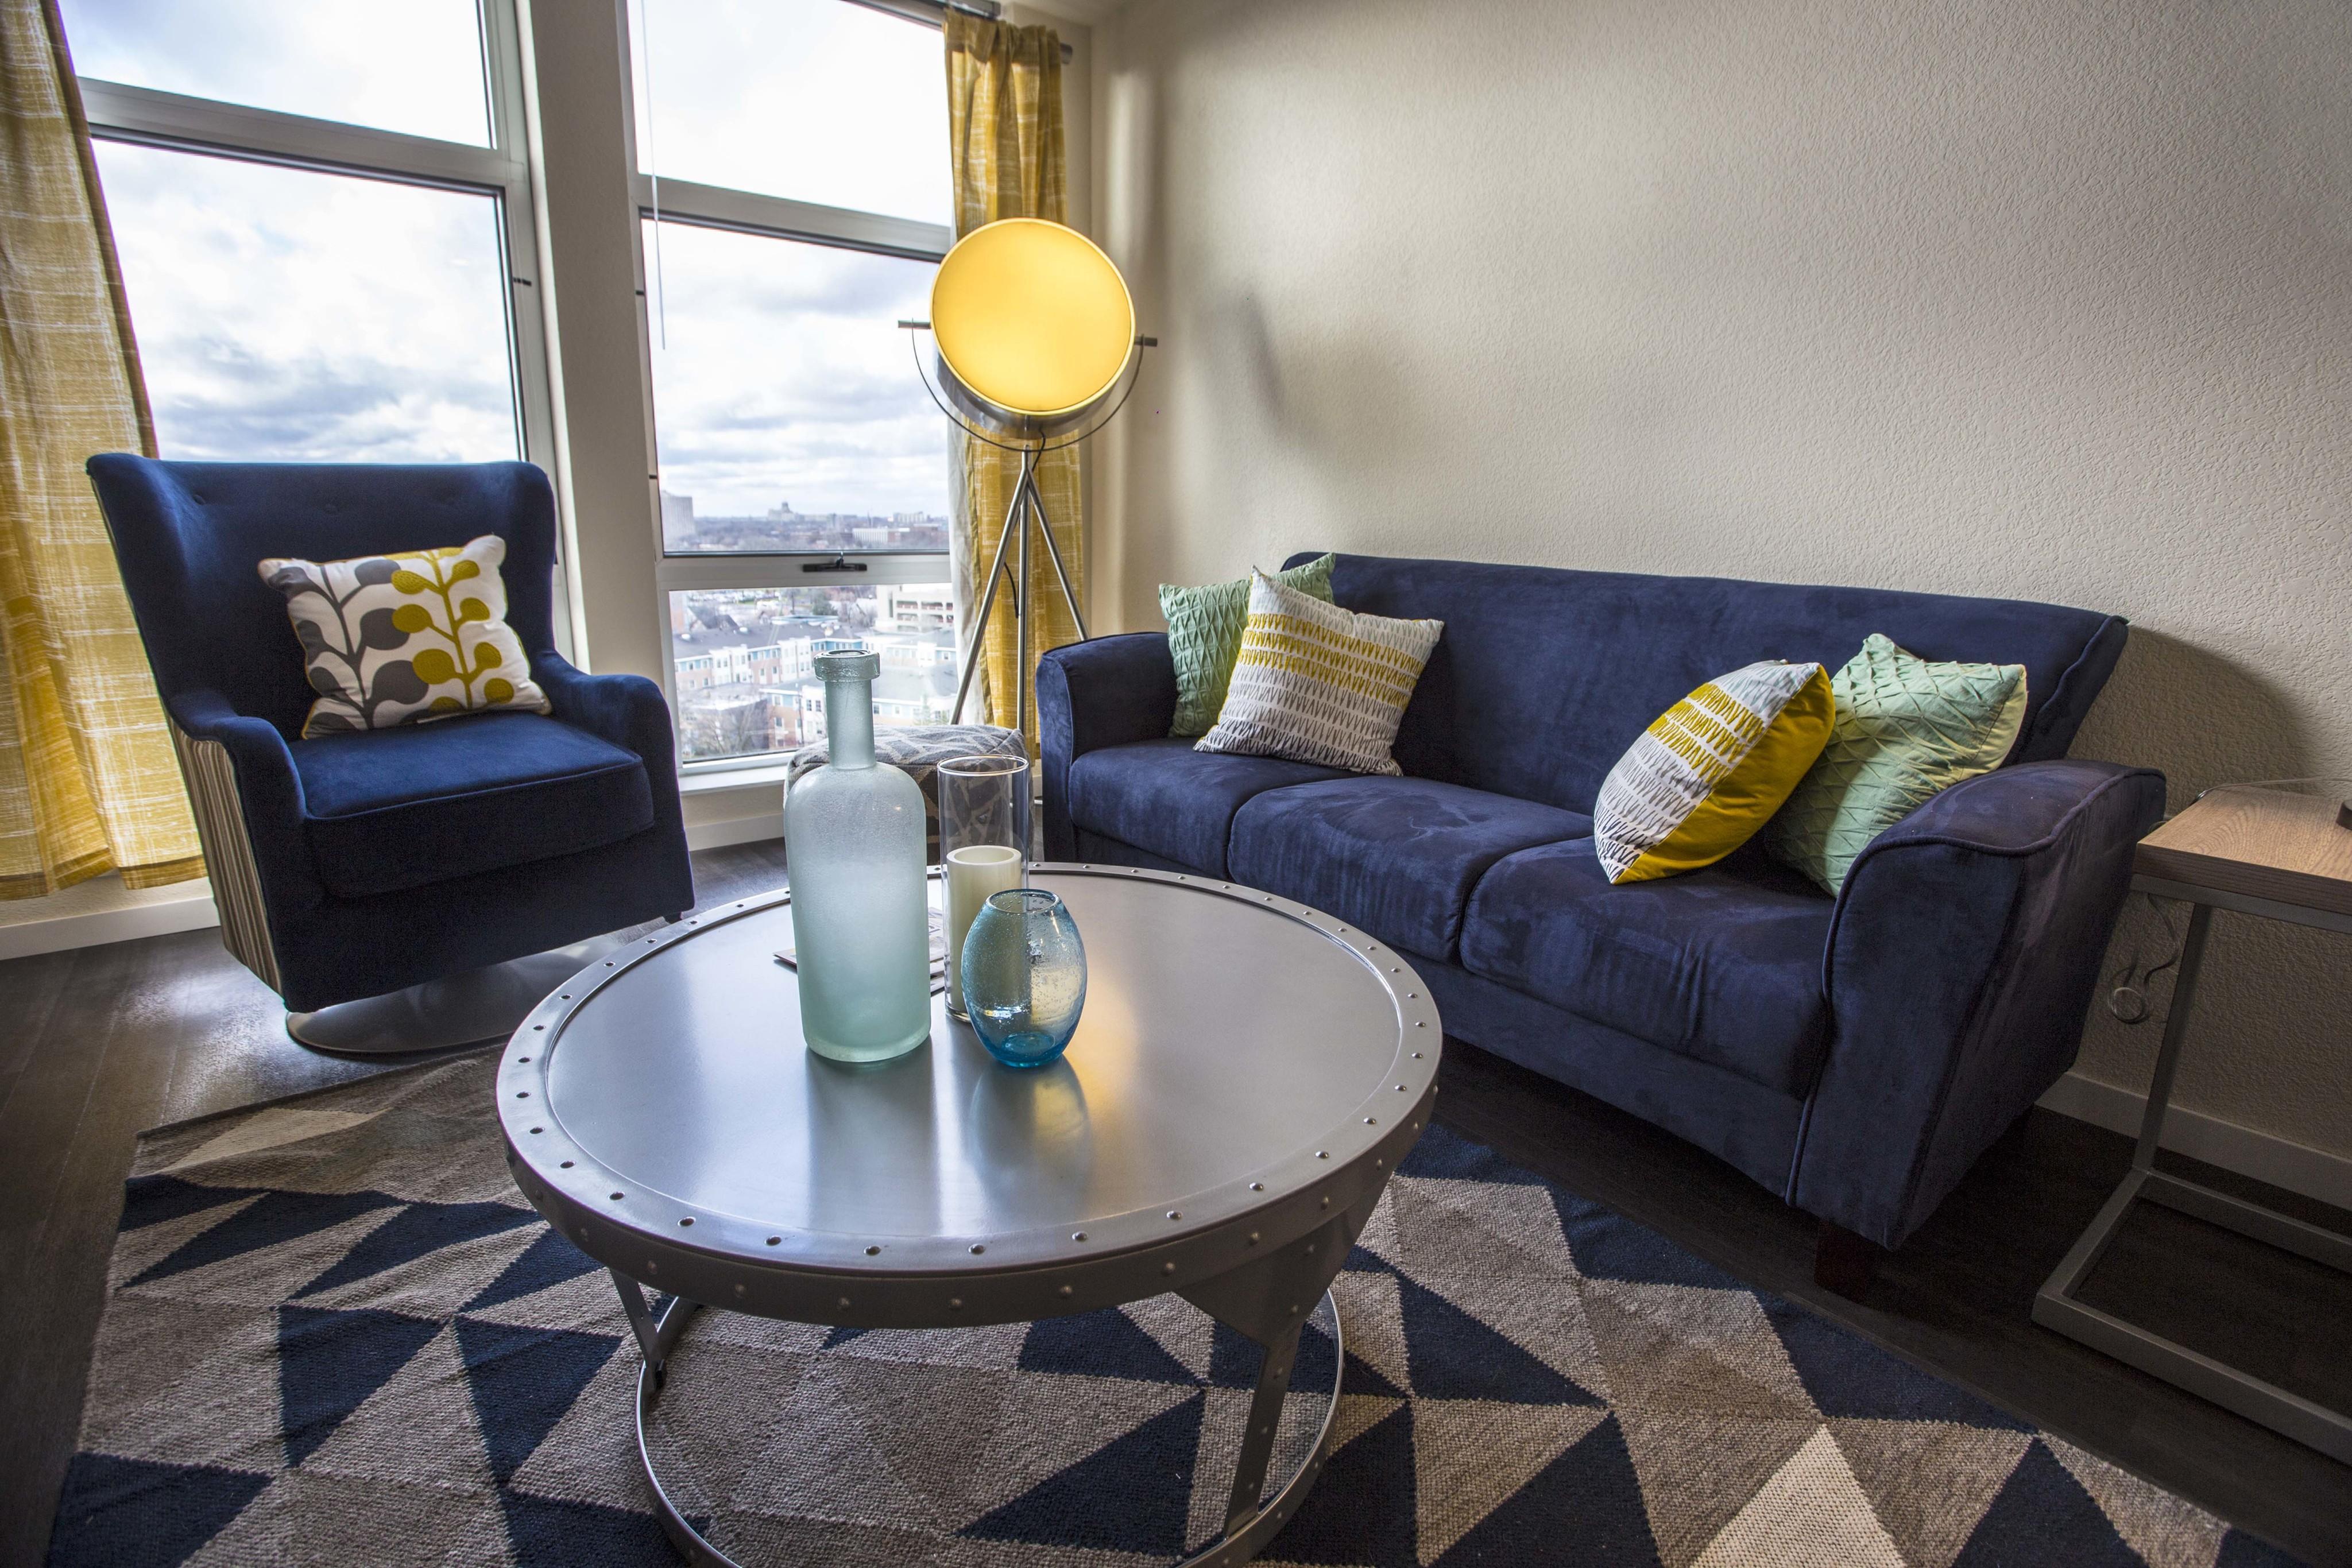 WaHu Apartments image 1